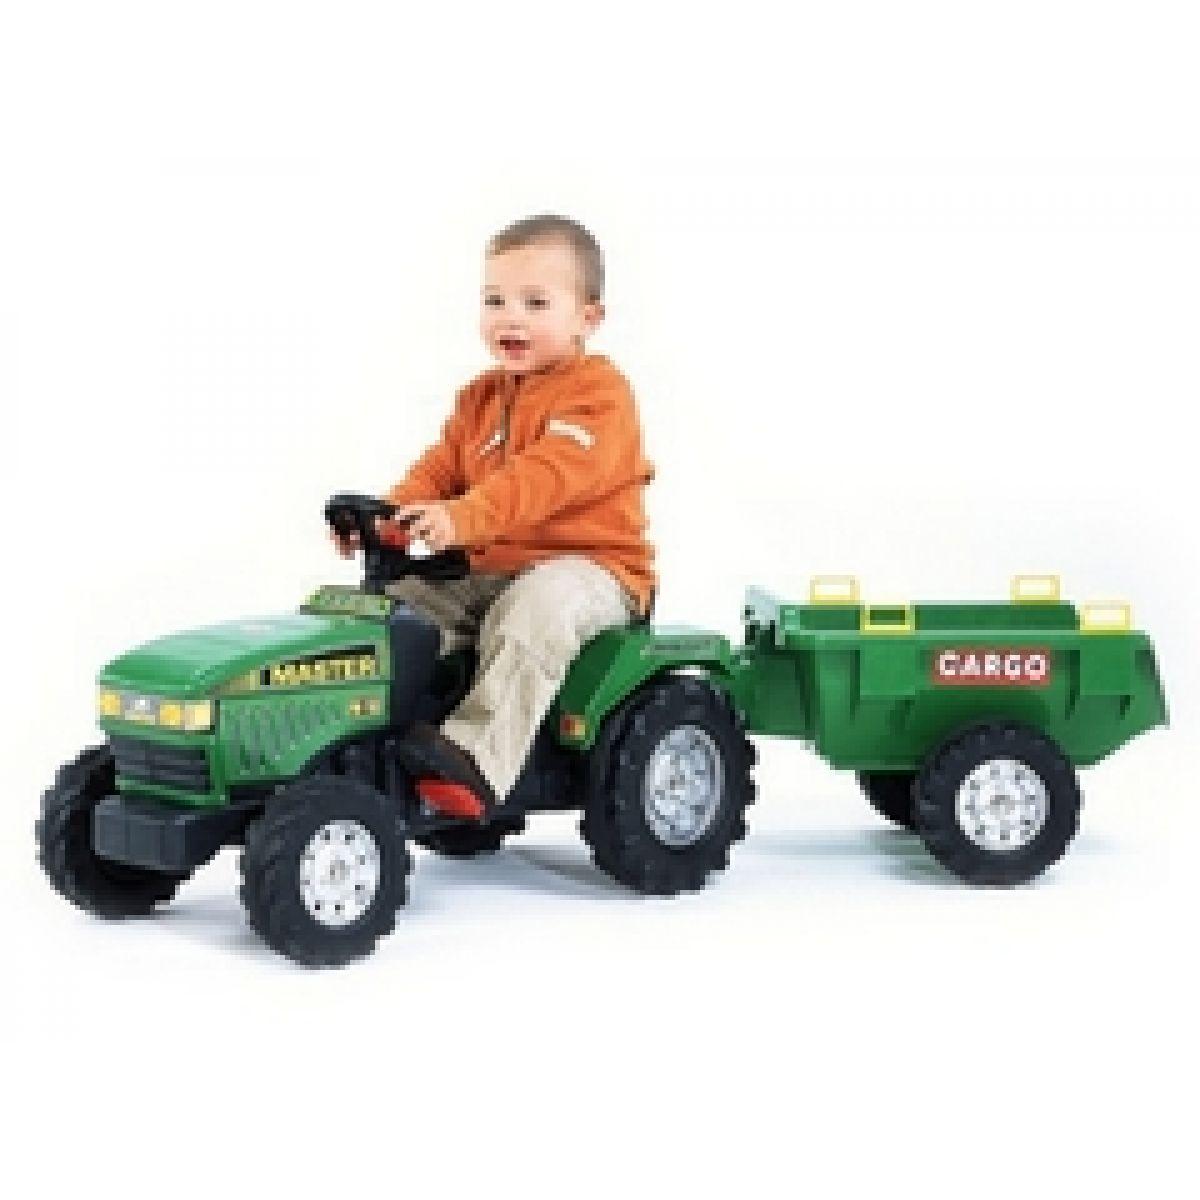 Falk Traktor Farm Master FM 150 zelený + přívěs CARGO (896V)